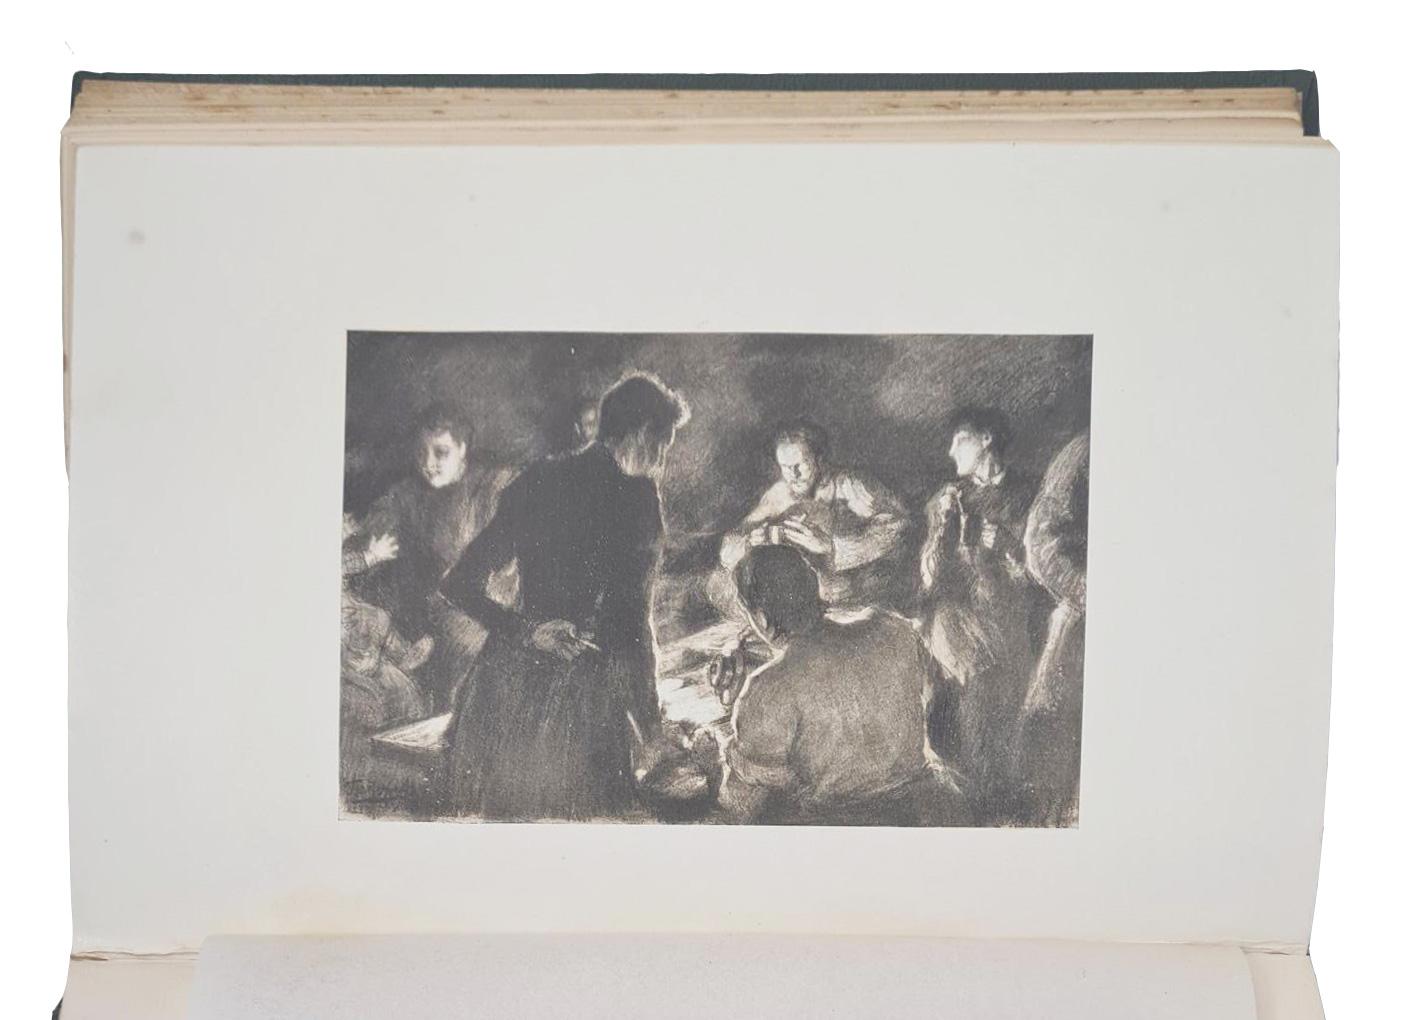 Pasternak illustrates Tolstoy